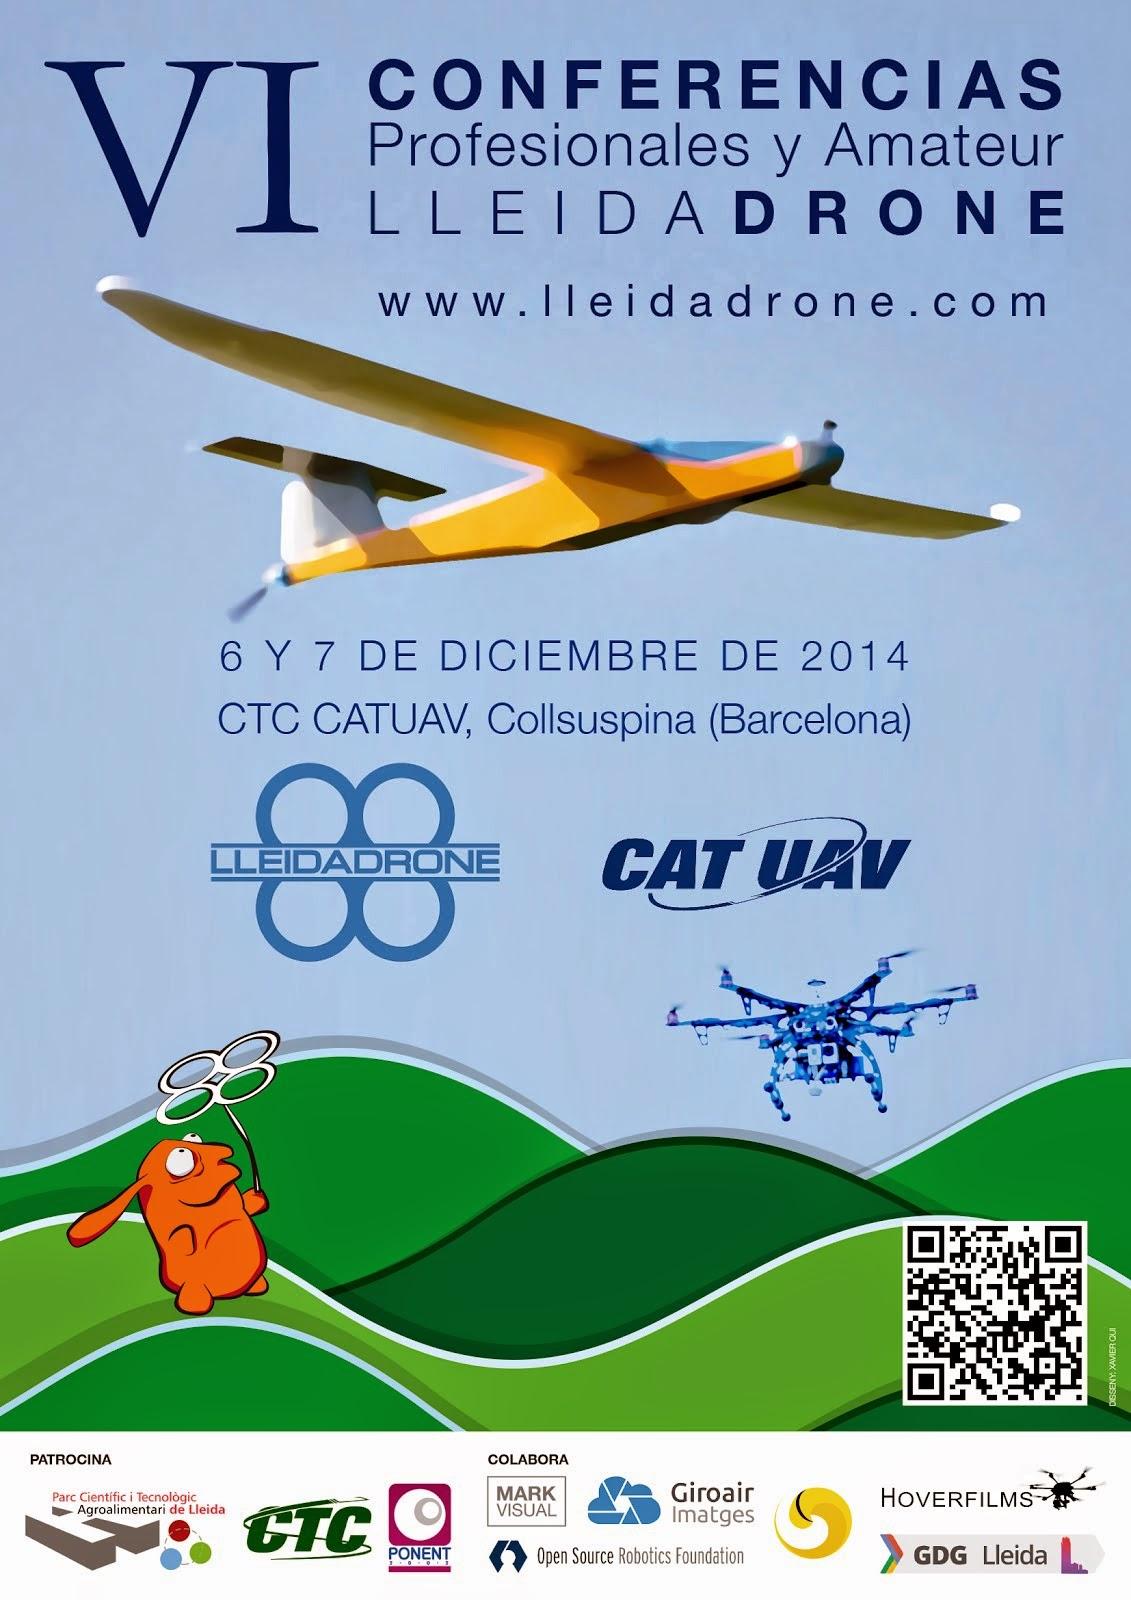 VI Conferencias Lleida Drone